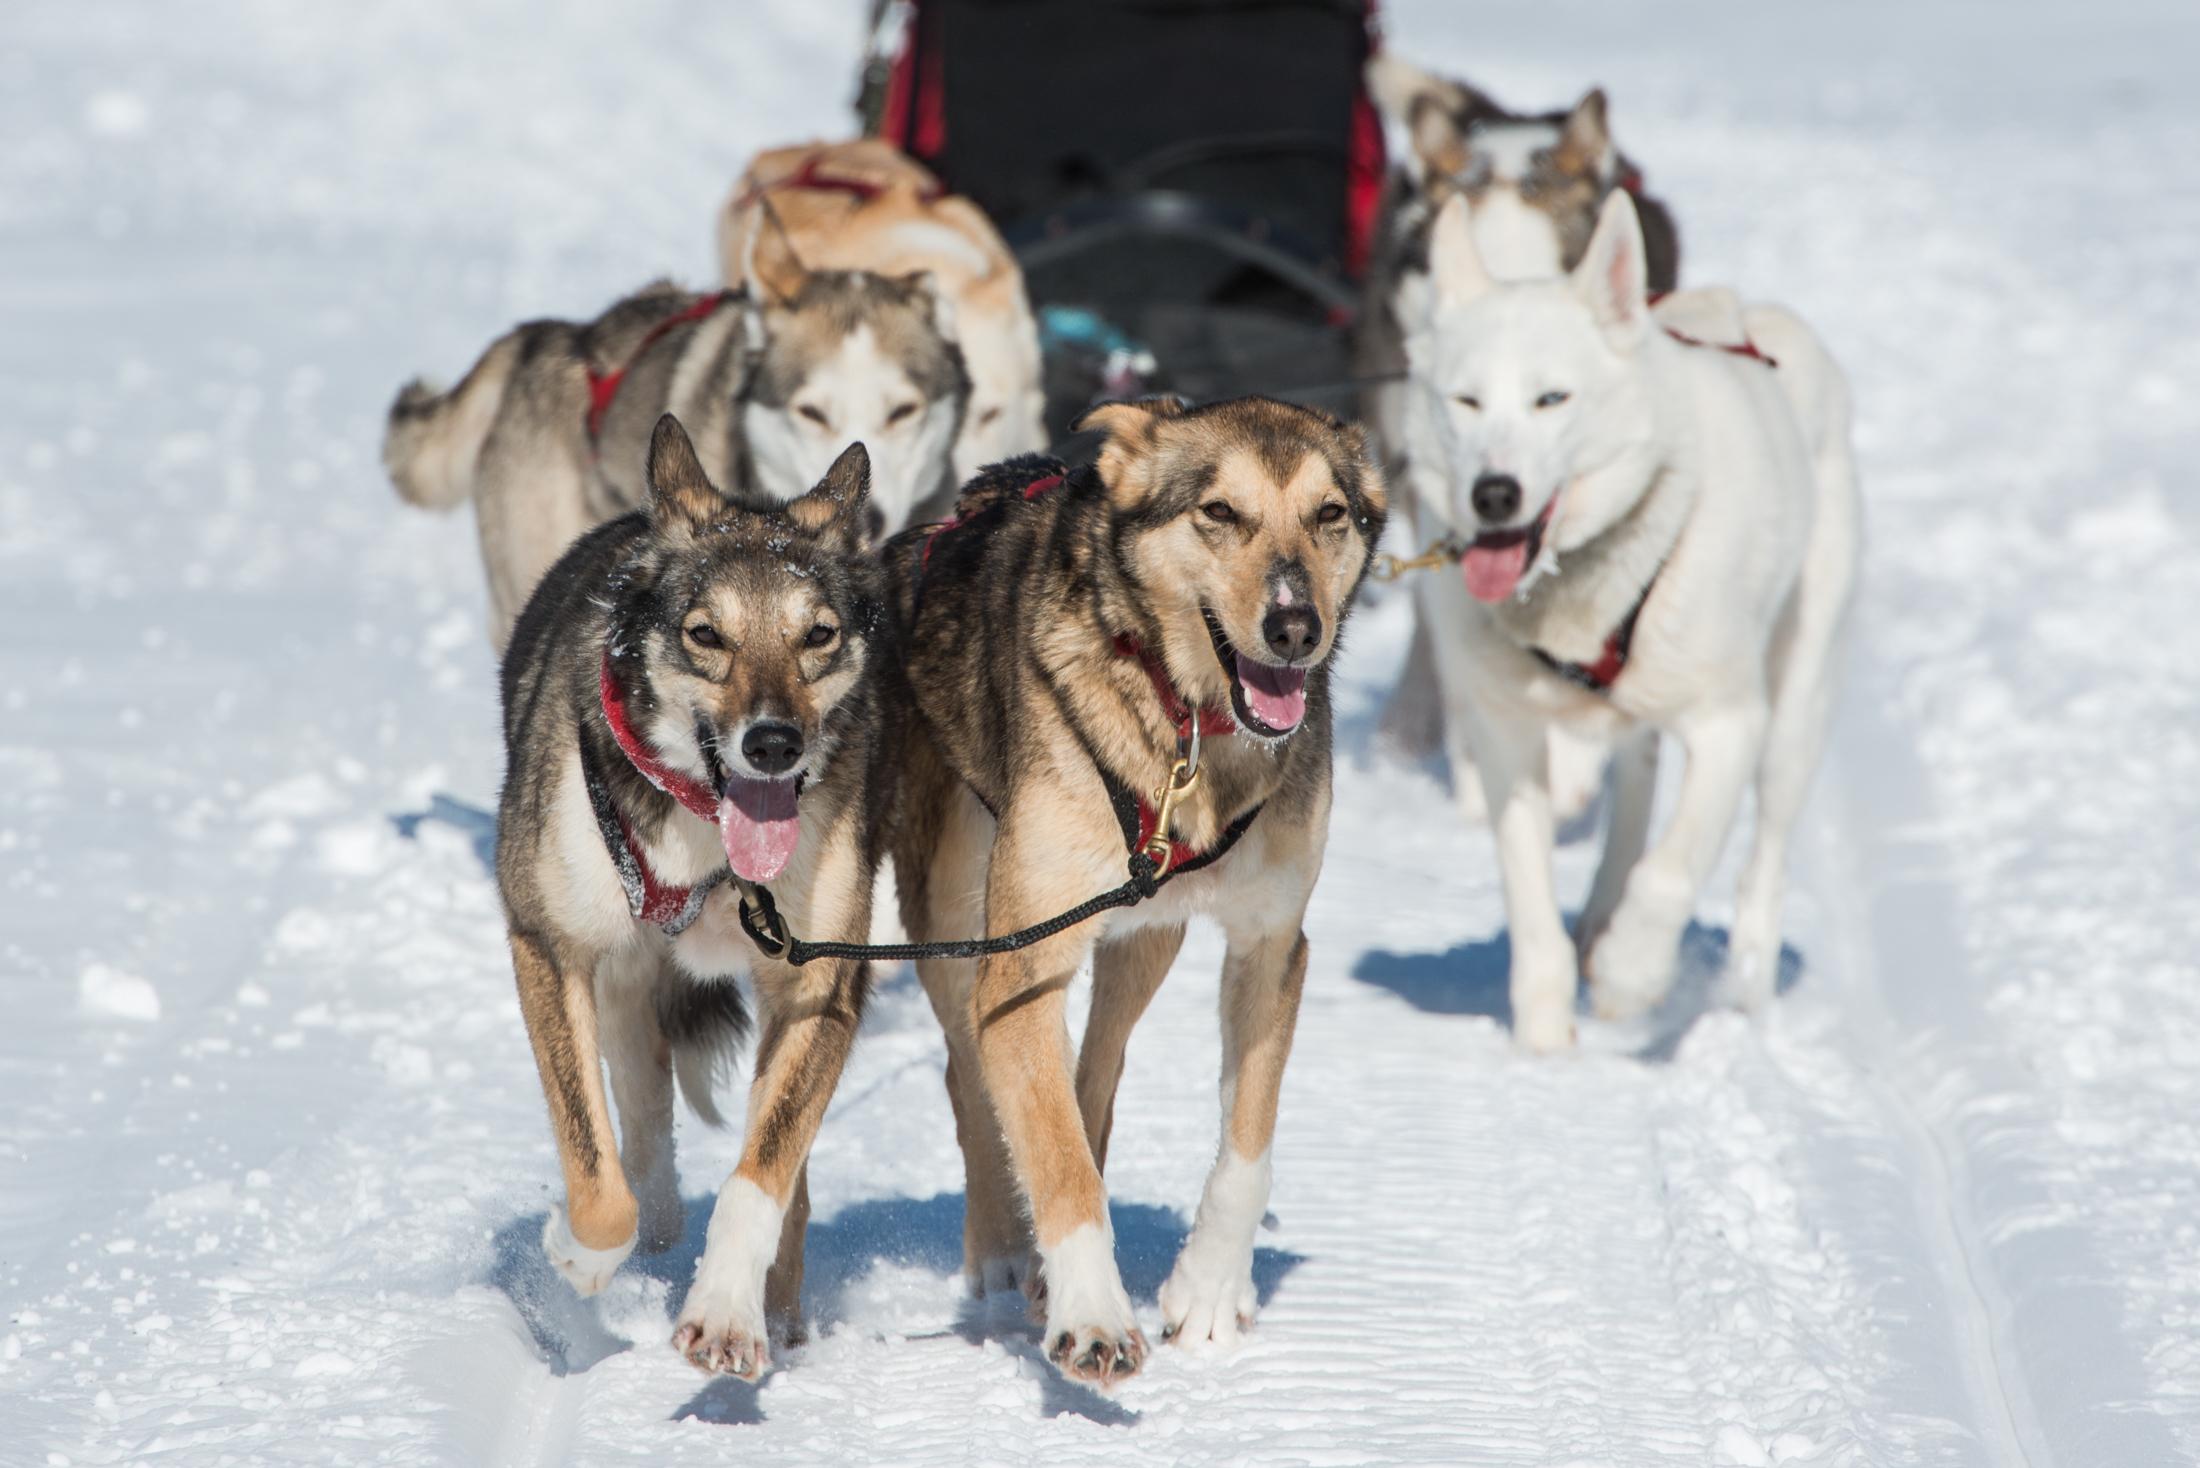 Dog Sledding in Algonquin Park